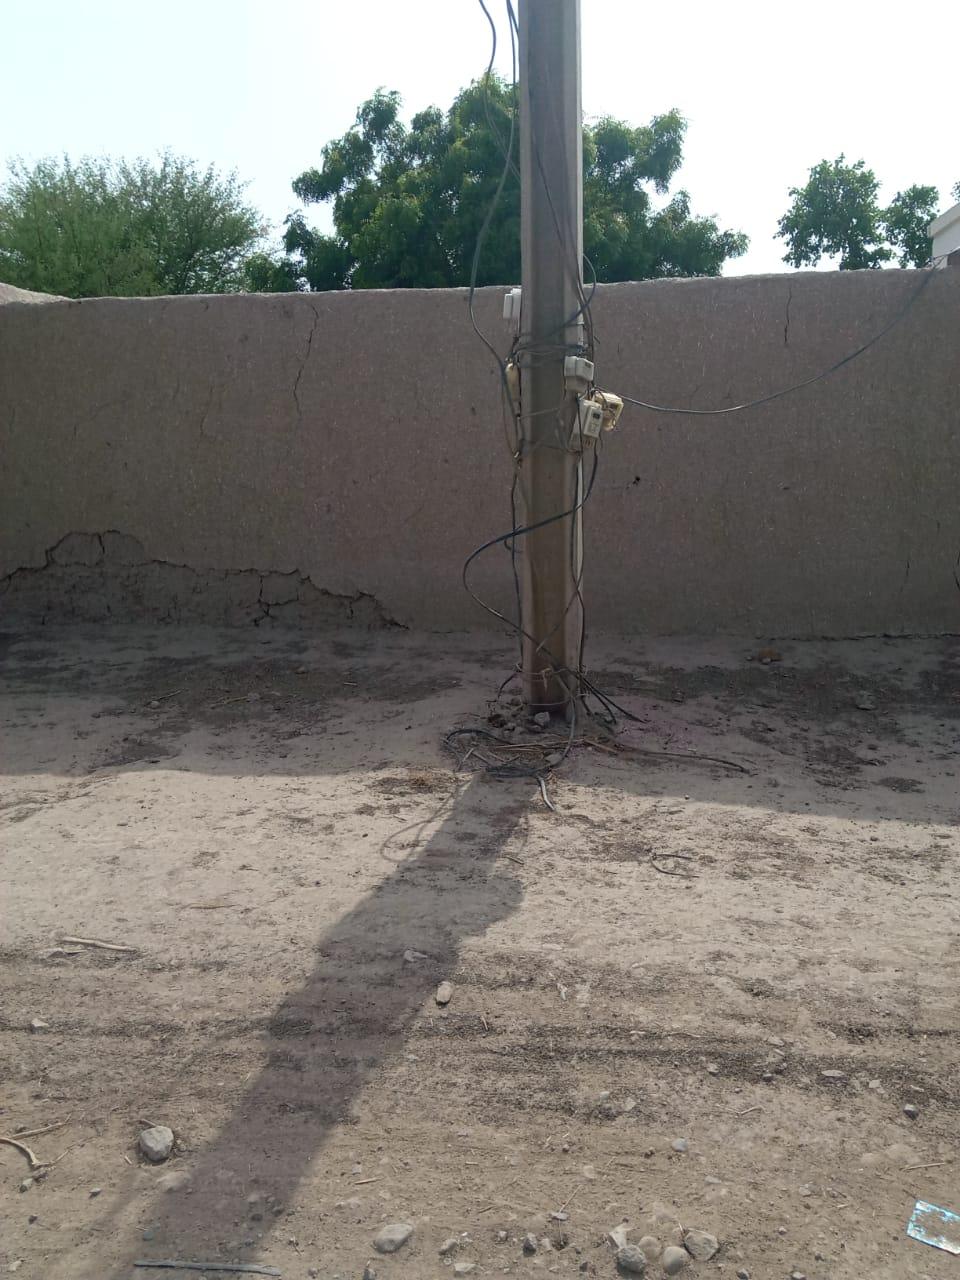 صادق آباد کے نواحی علاقہ میرے شاہ چوک اور بابا چن پیر رح  بجلی کا نظام خراب